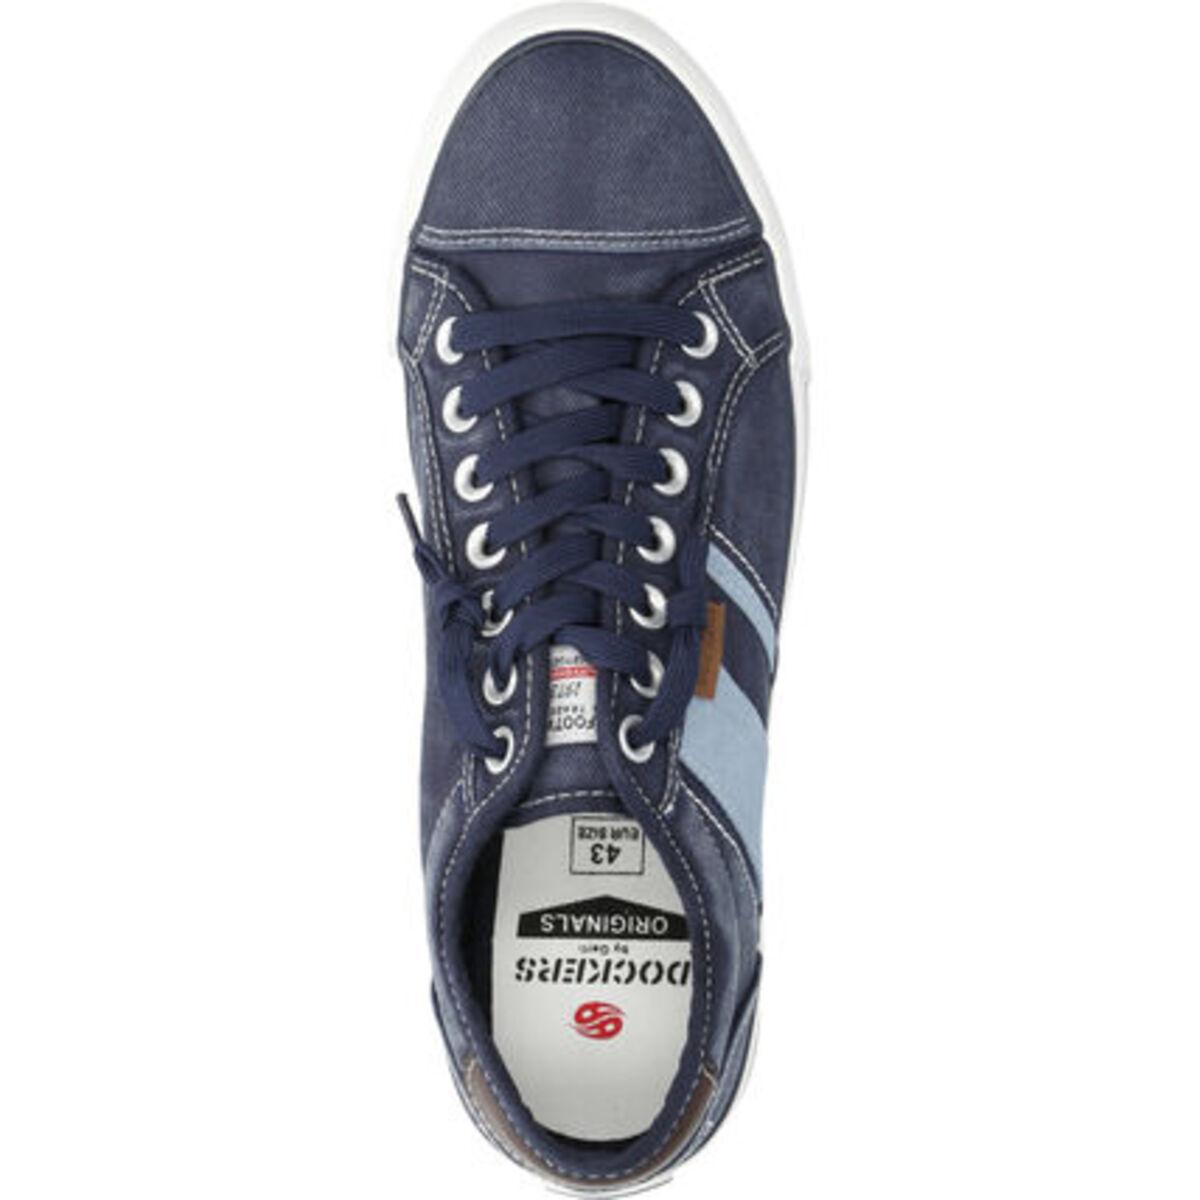 Bild 2 von Dockers® by Gerli Sneaker , Canvas, Jeansoptik, für Herren